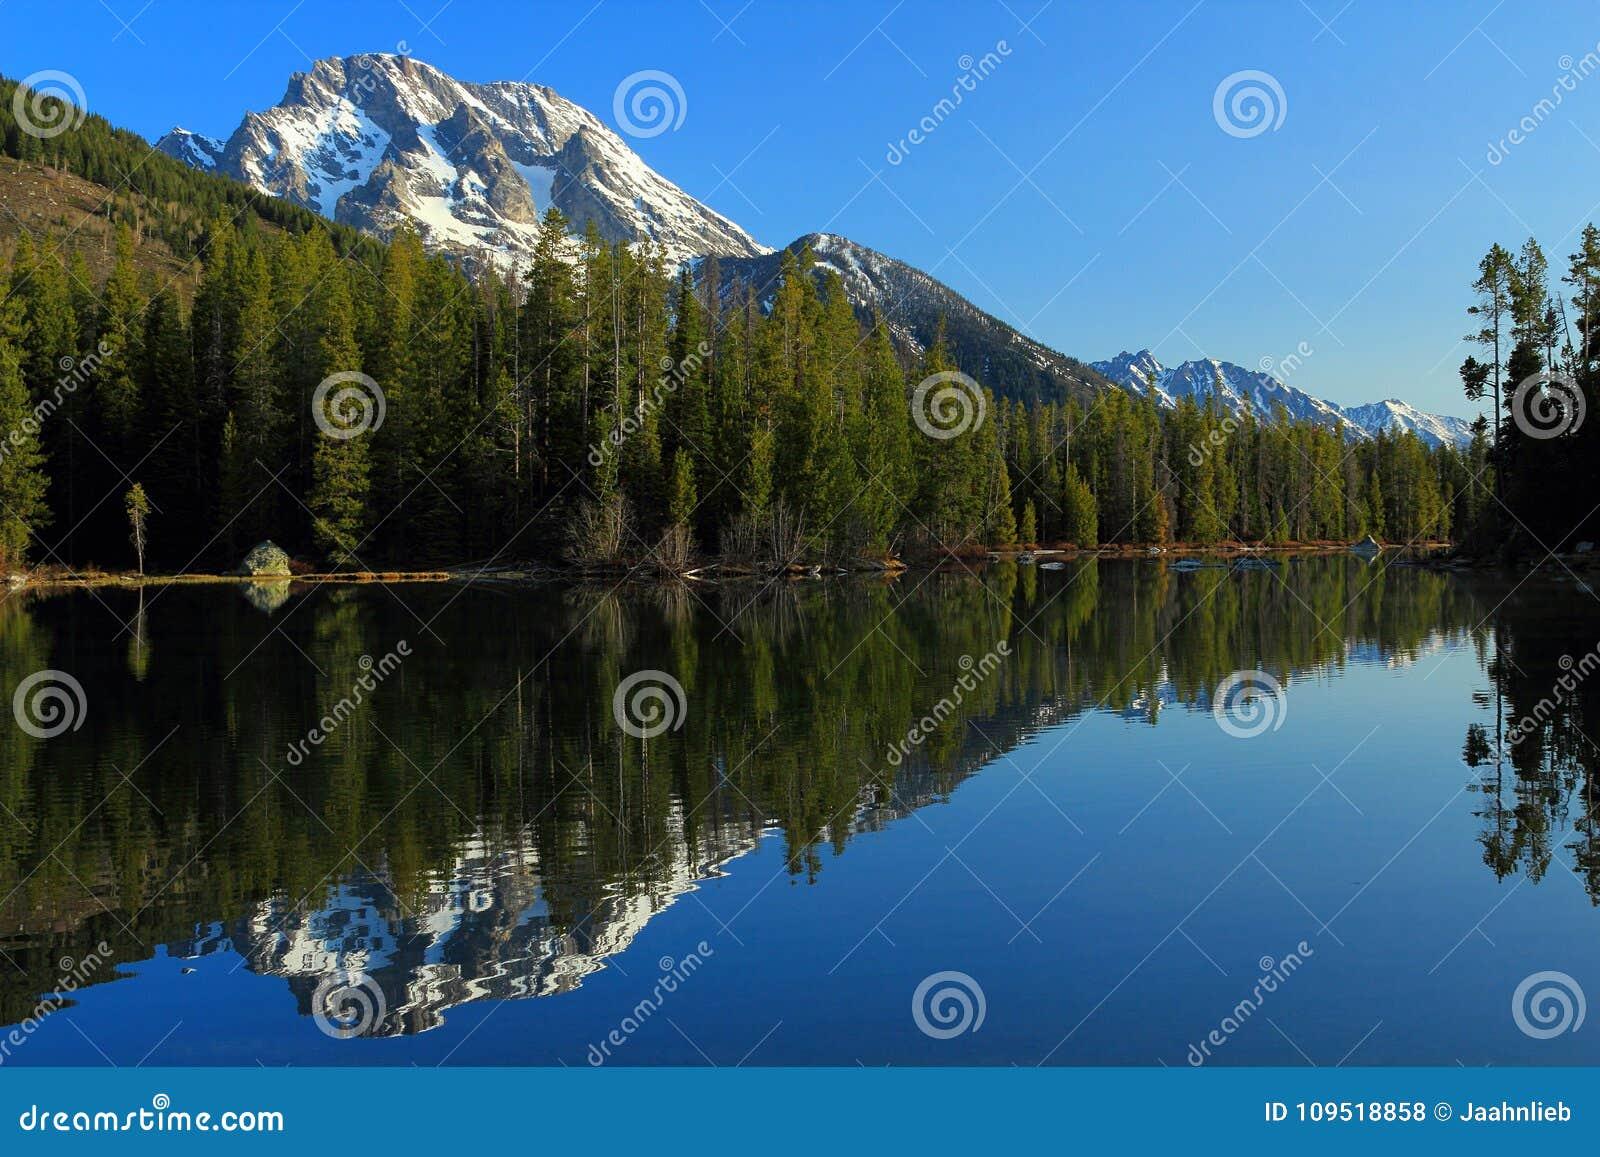 Monti Moran riflesso nel lago string, il grande parco nazionale di Teton, Wyoming